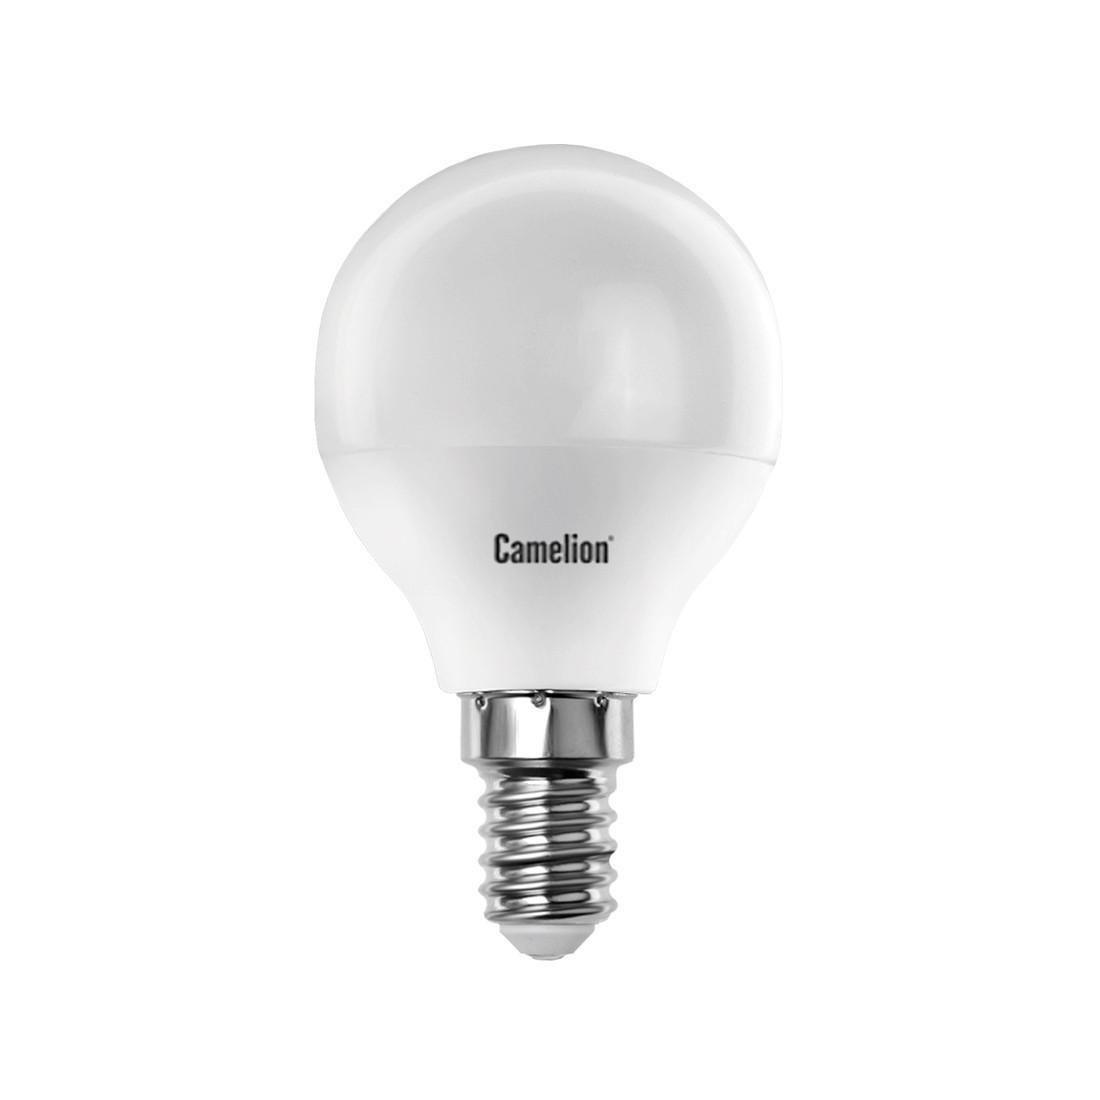 Эл. лампа светодиодная Camelion G45/4500К/E14/7Вт, Холодный